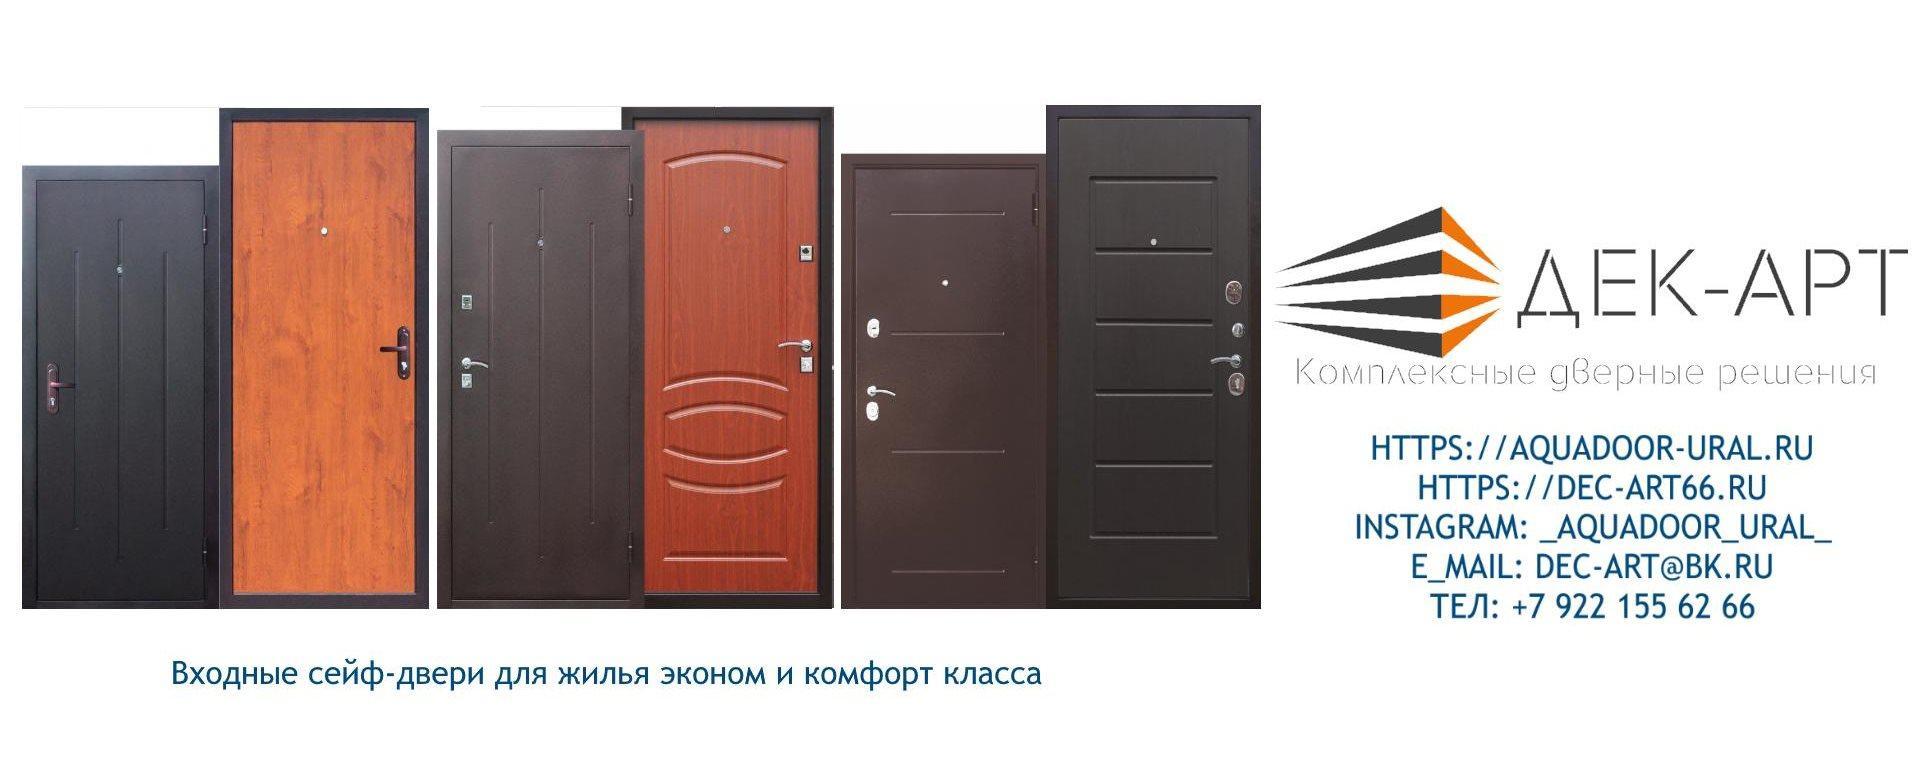 Входные сейф двери для жилья эконом и комфорт класса